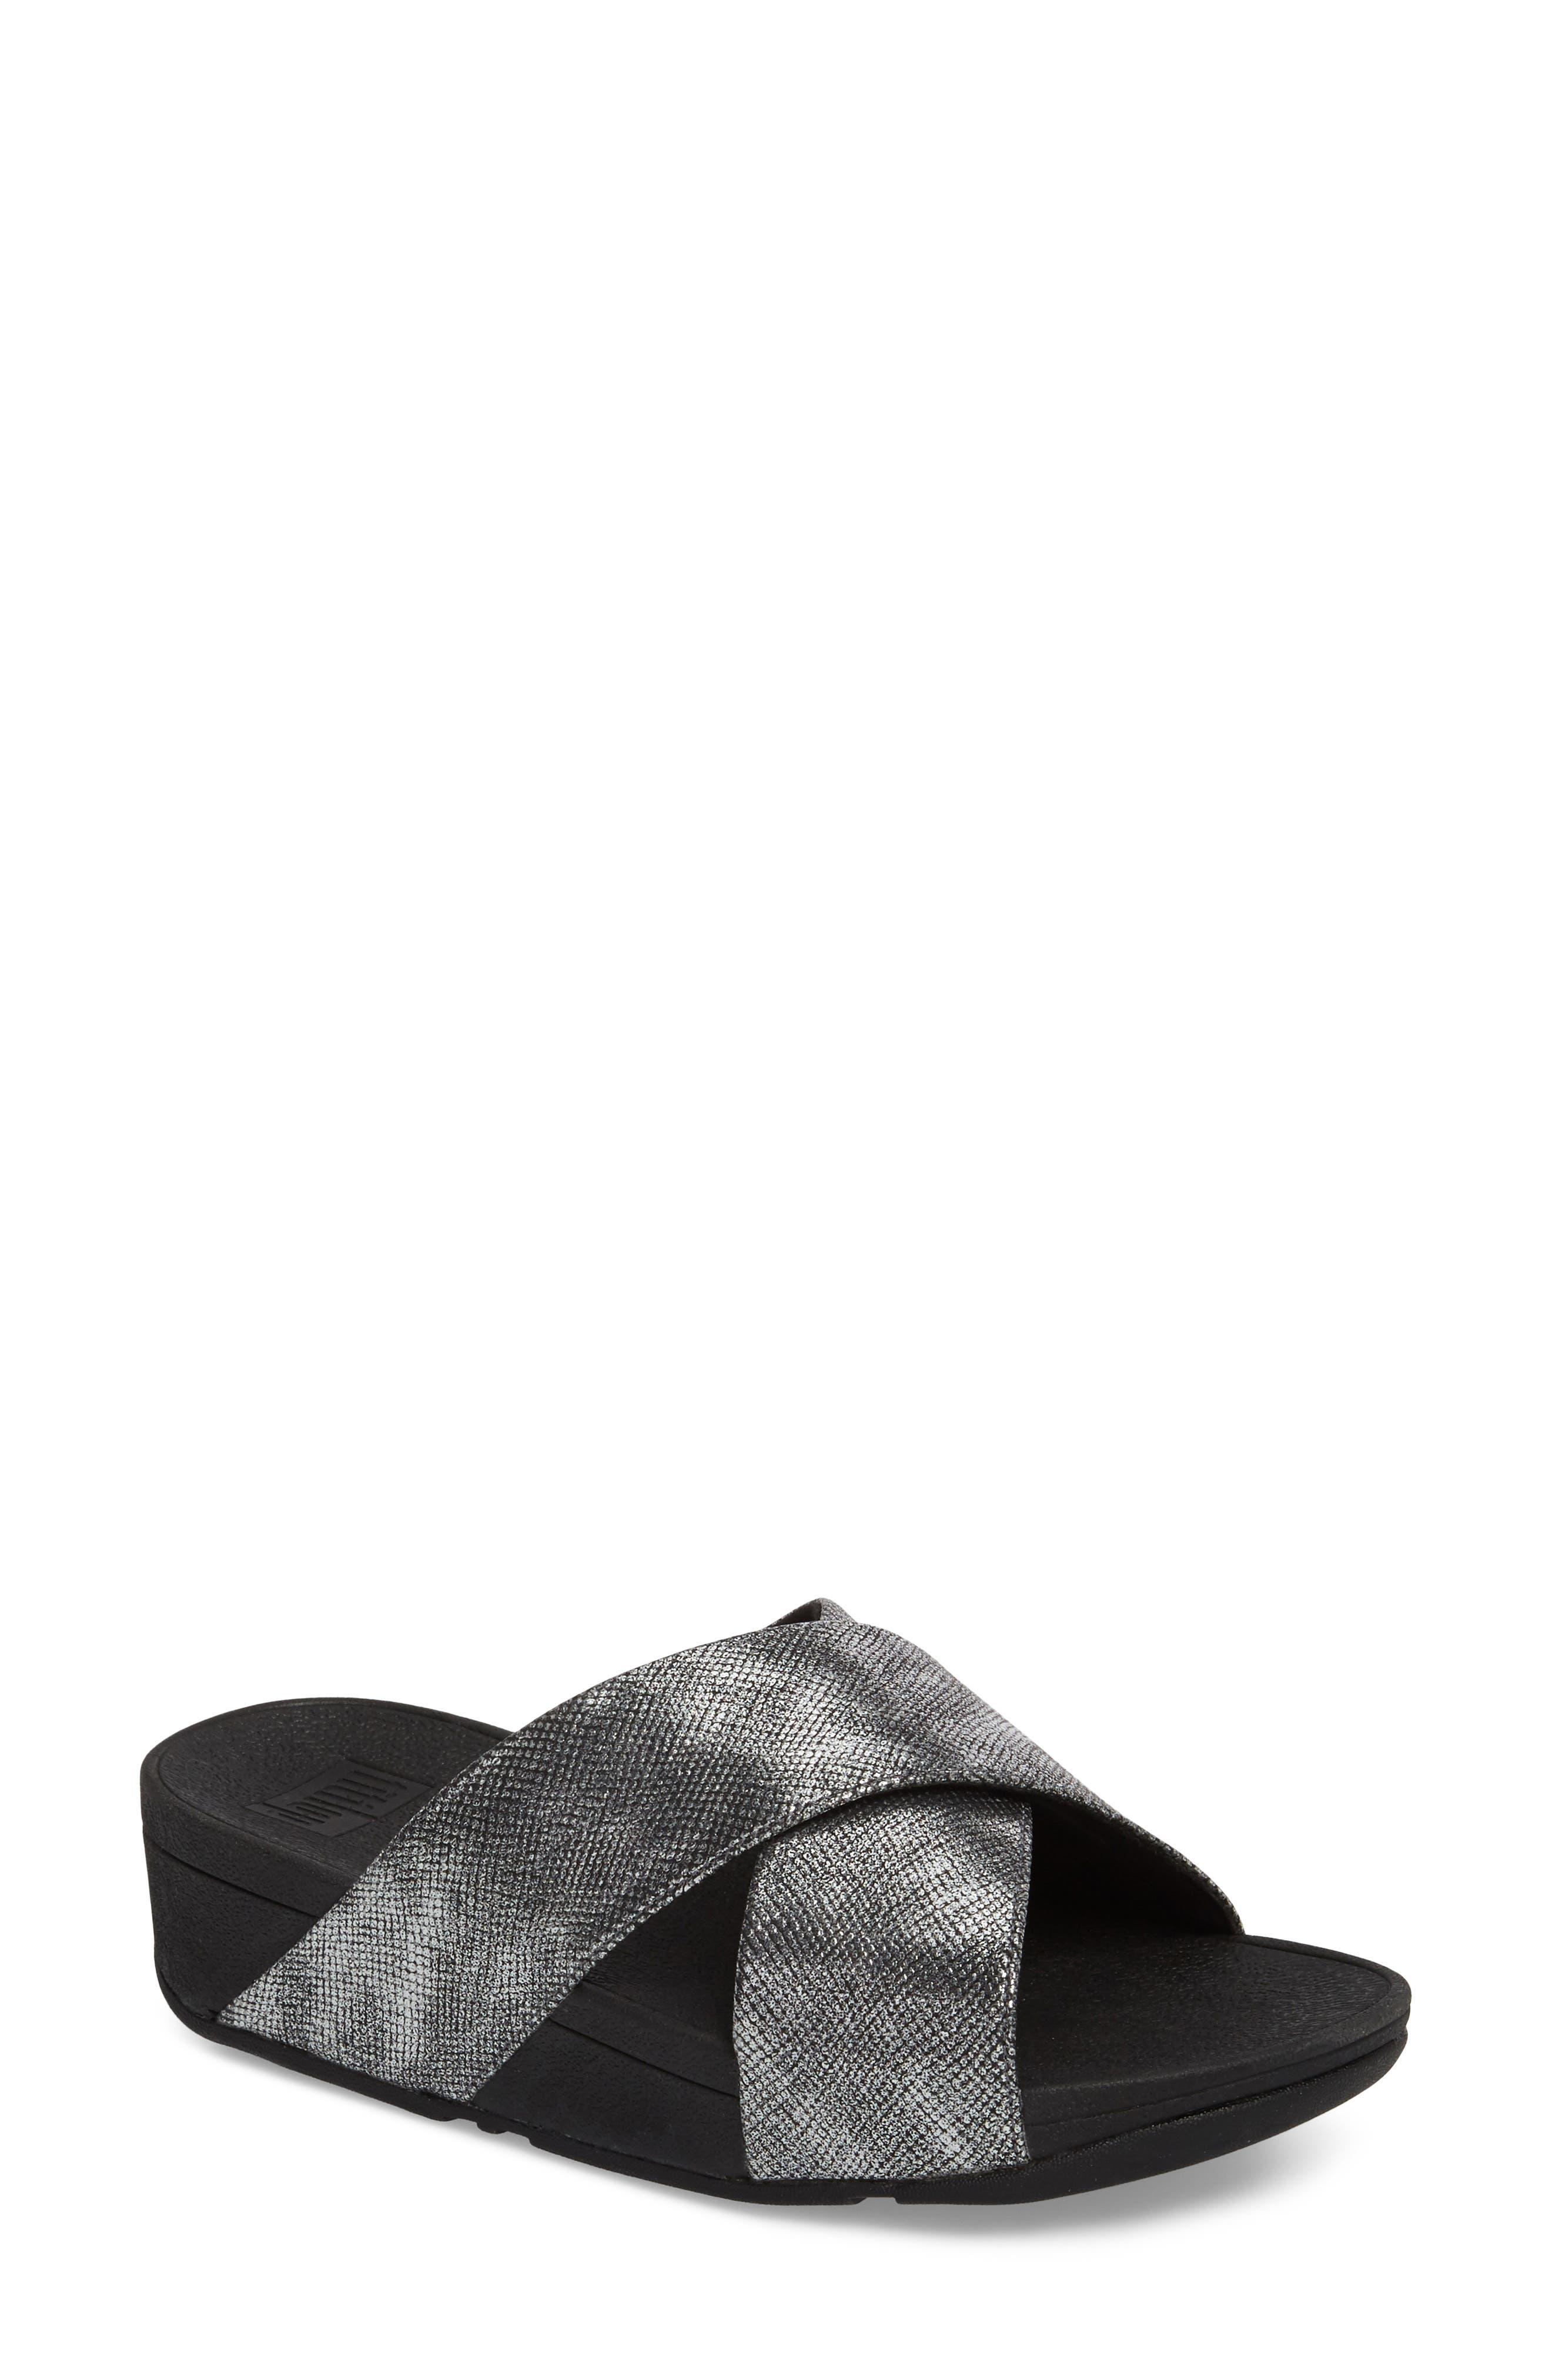 Fitflop Lulu Cross Slide Sandal, Black